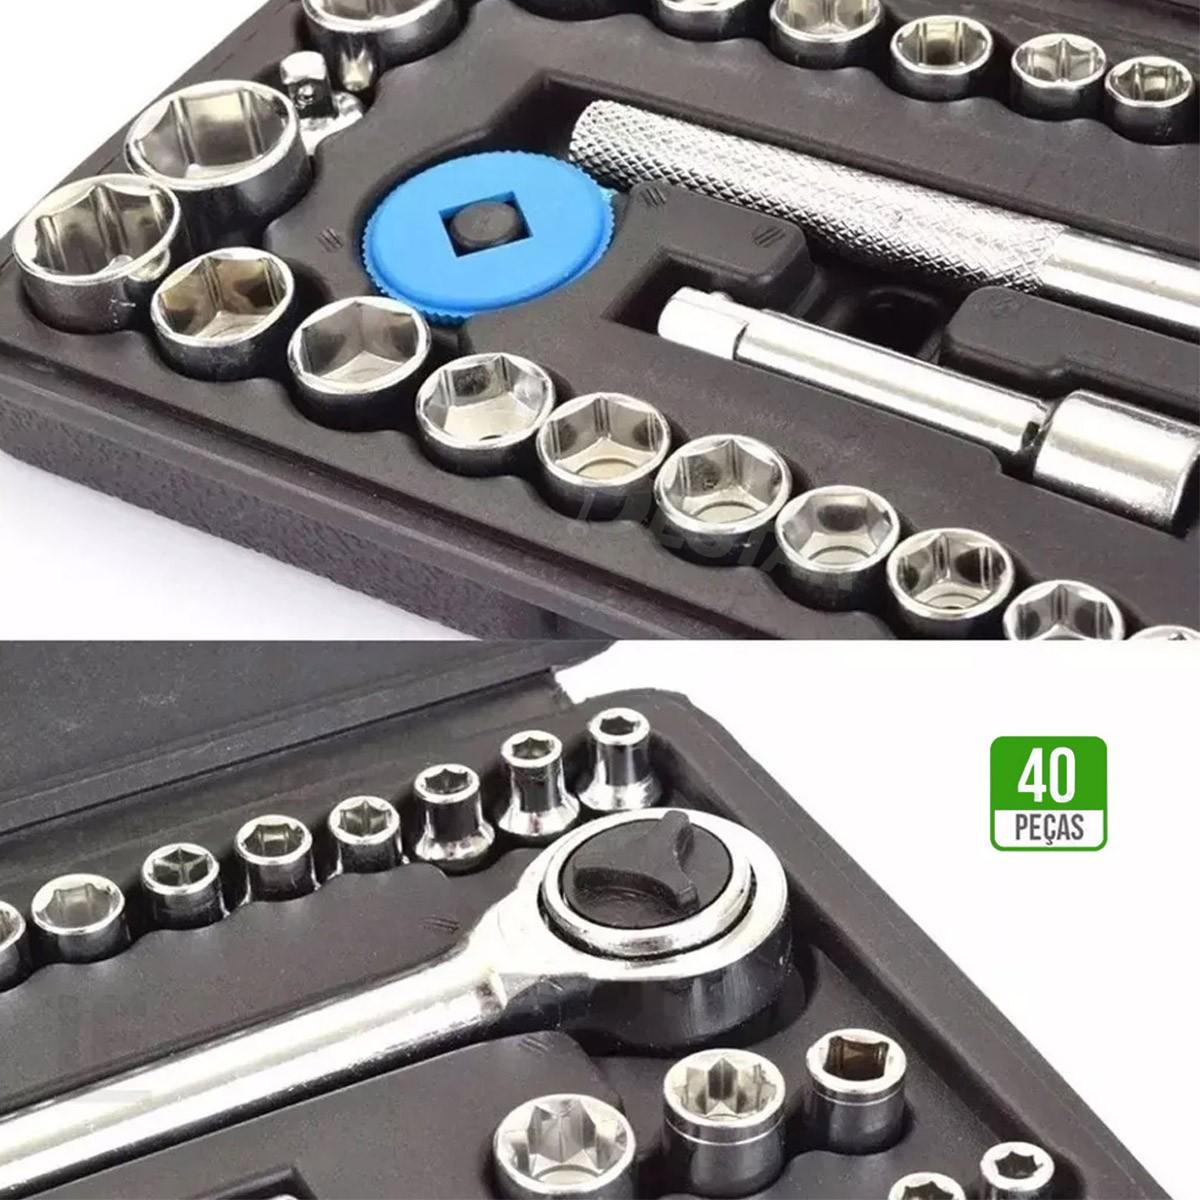 Kit Jogo Chave Catraca Soquete C/ Chave Biela 8pçs 8 - 15mm